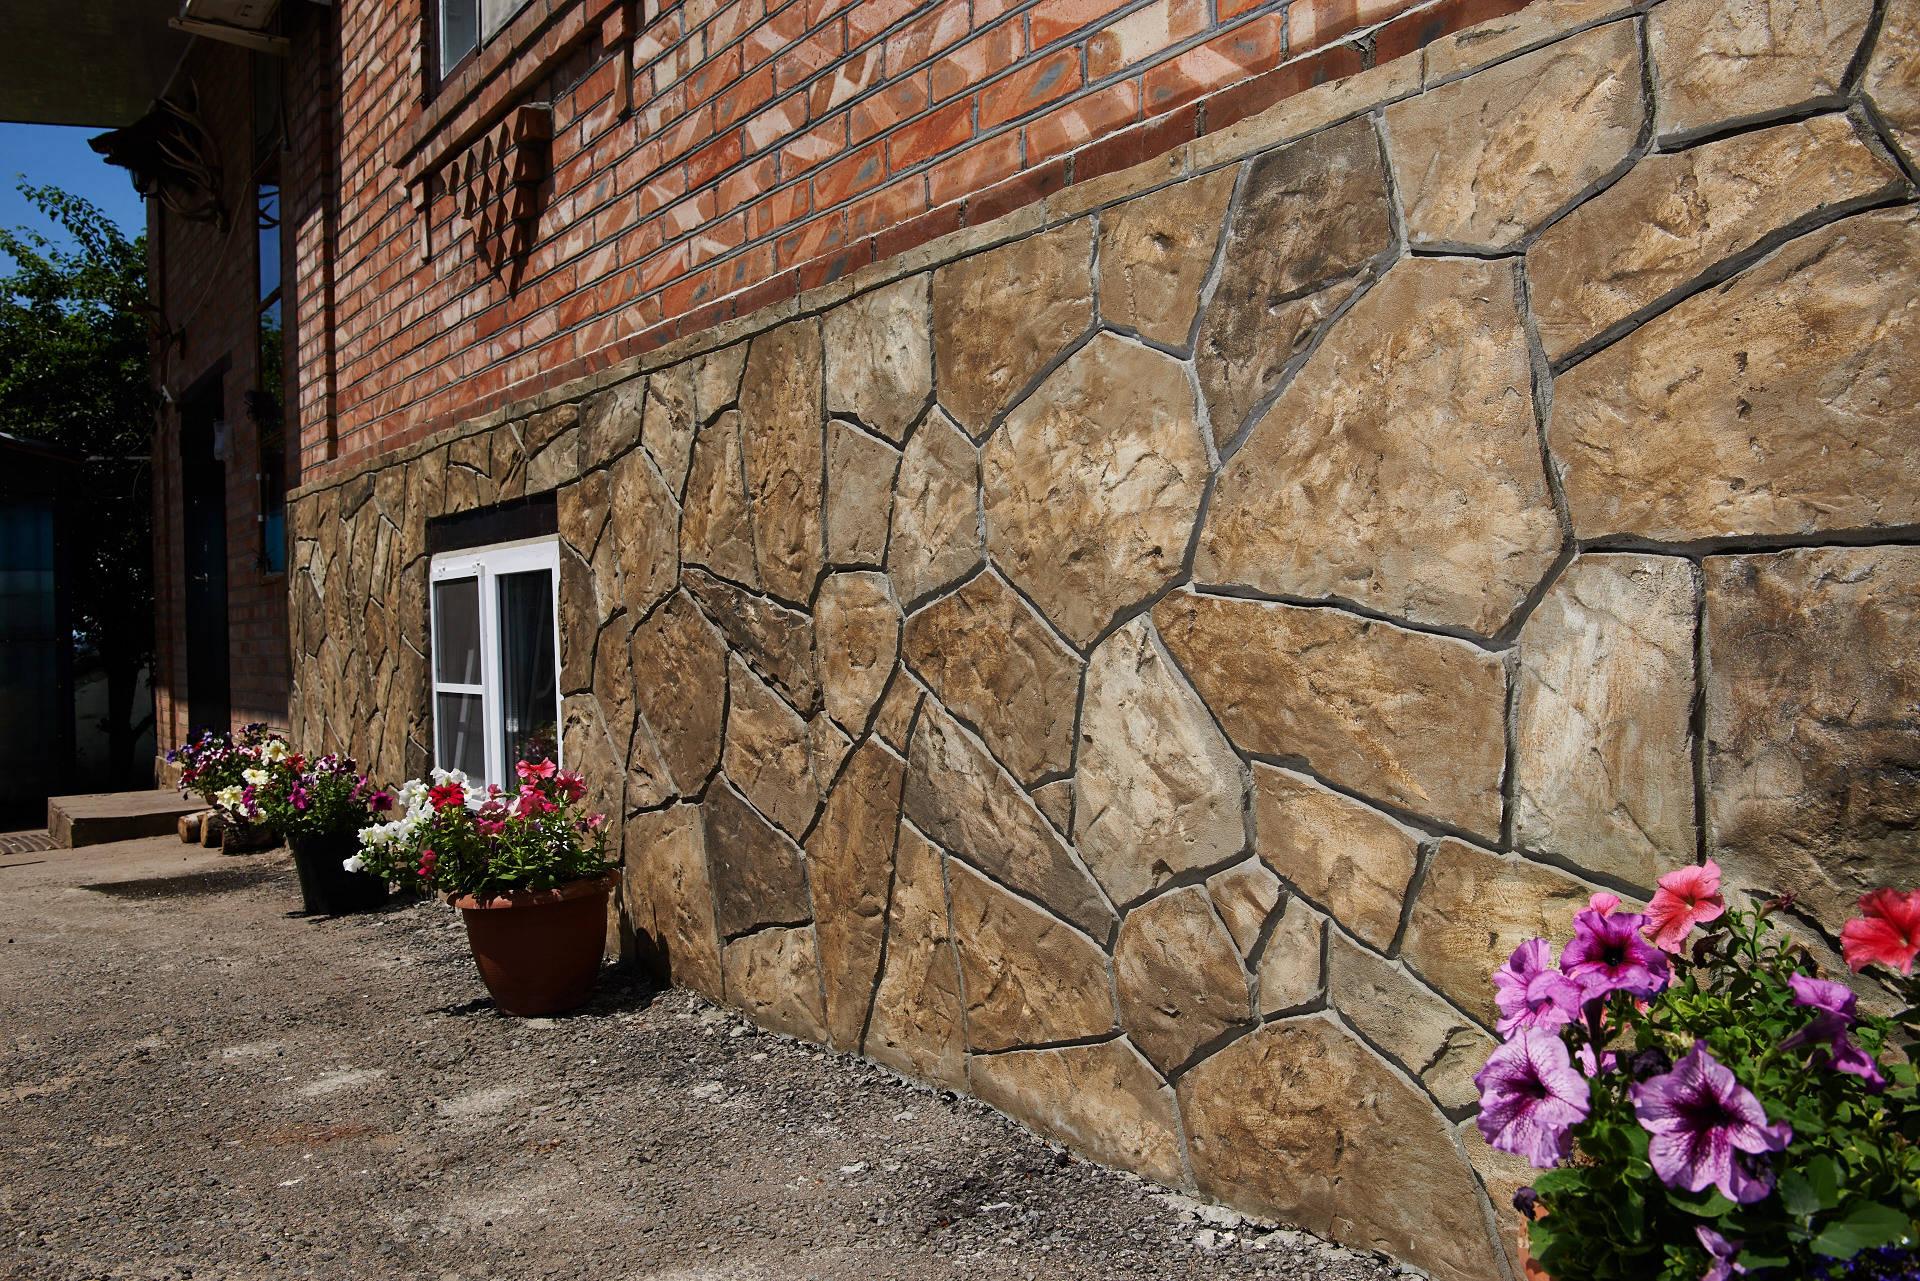 Цоколь дома отделать декоративной штукатуркой с имитацией каменной кладки